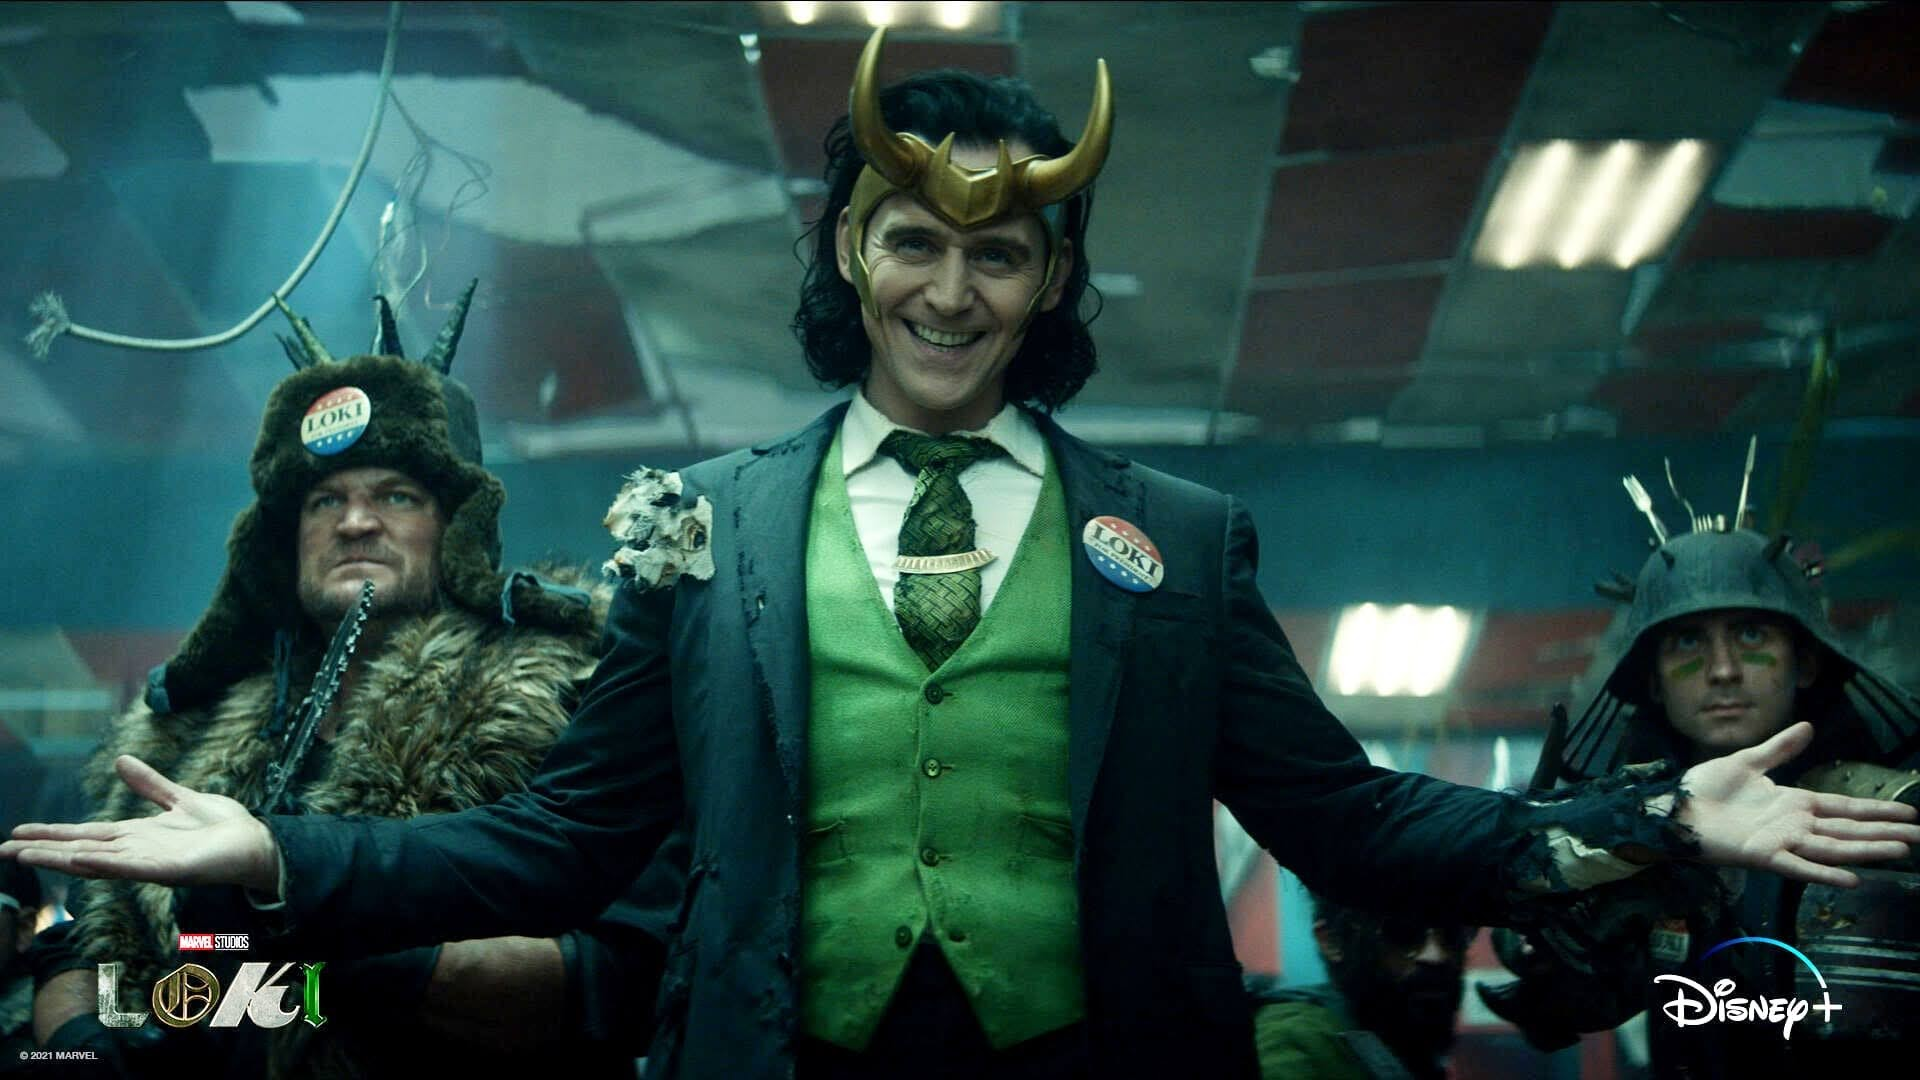 Loki : トムさん主演のマーベル配信シリーズの第3作め「ロキ」と「スター・ウォーズ」のアニメの配信シリーズ「ザ・バッド・バッチ」をリリースする配信開始日を、Disney+ が発表 ! !